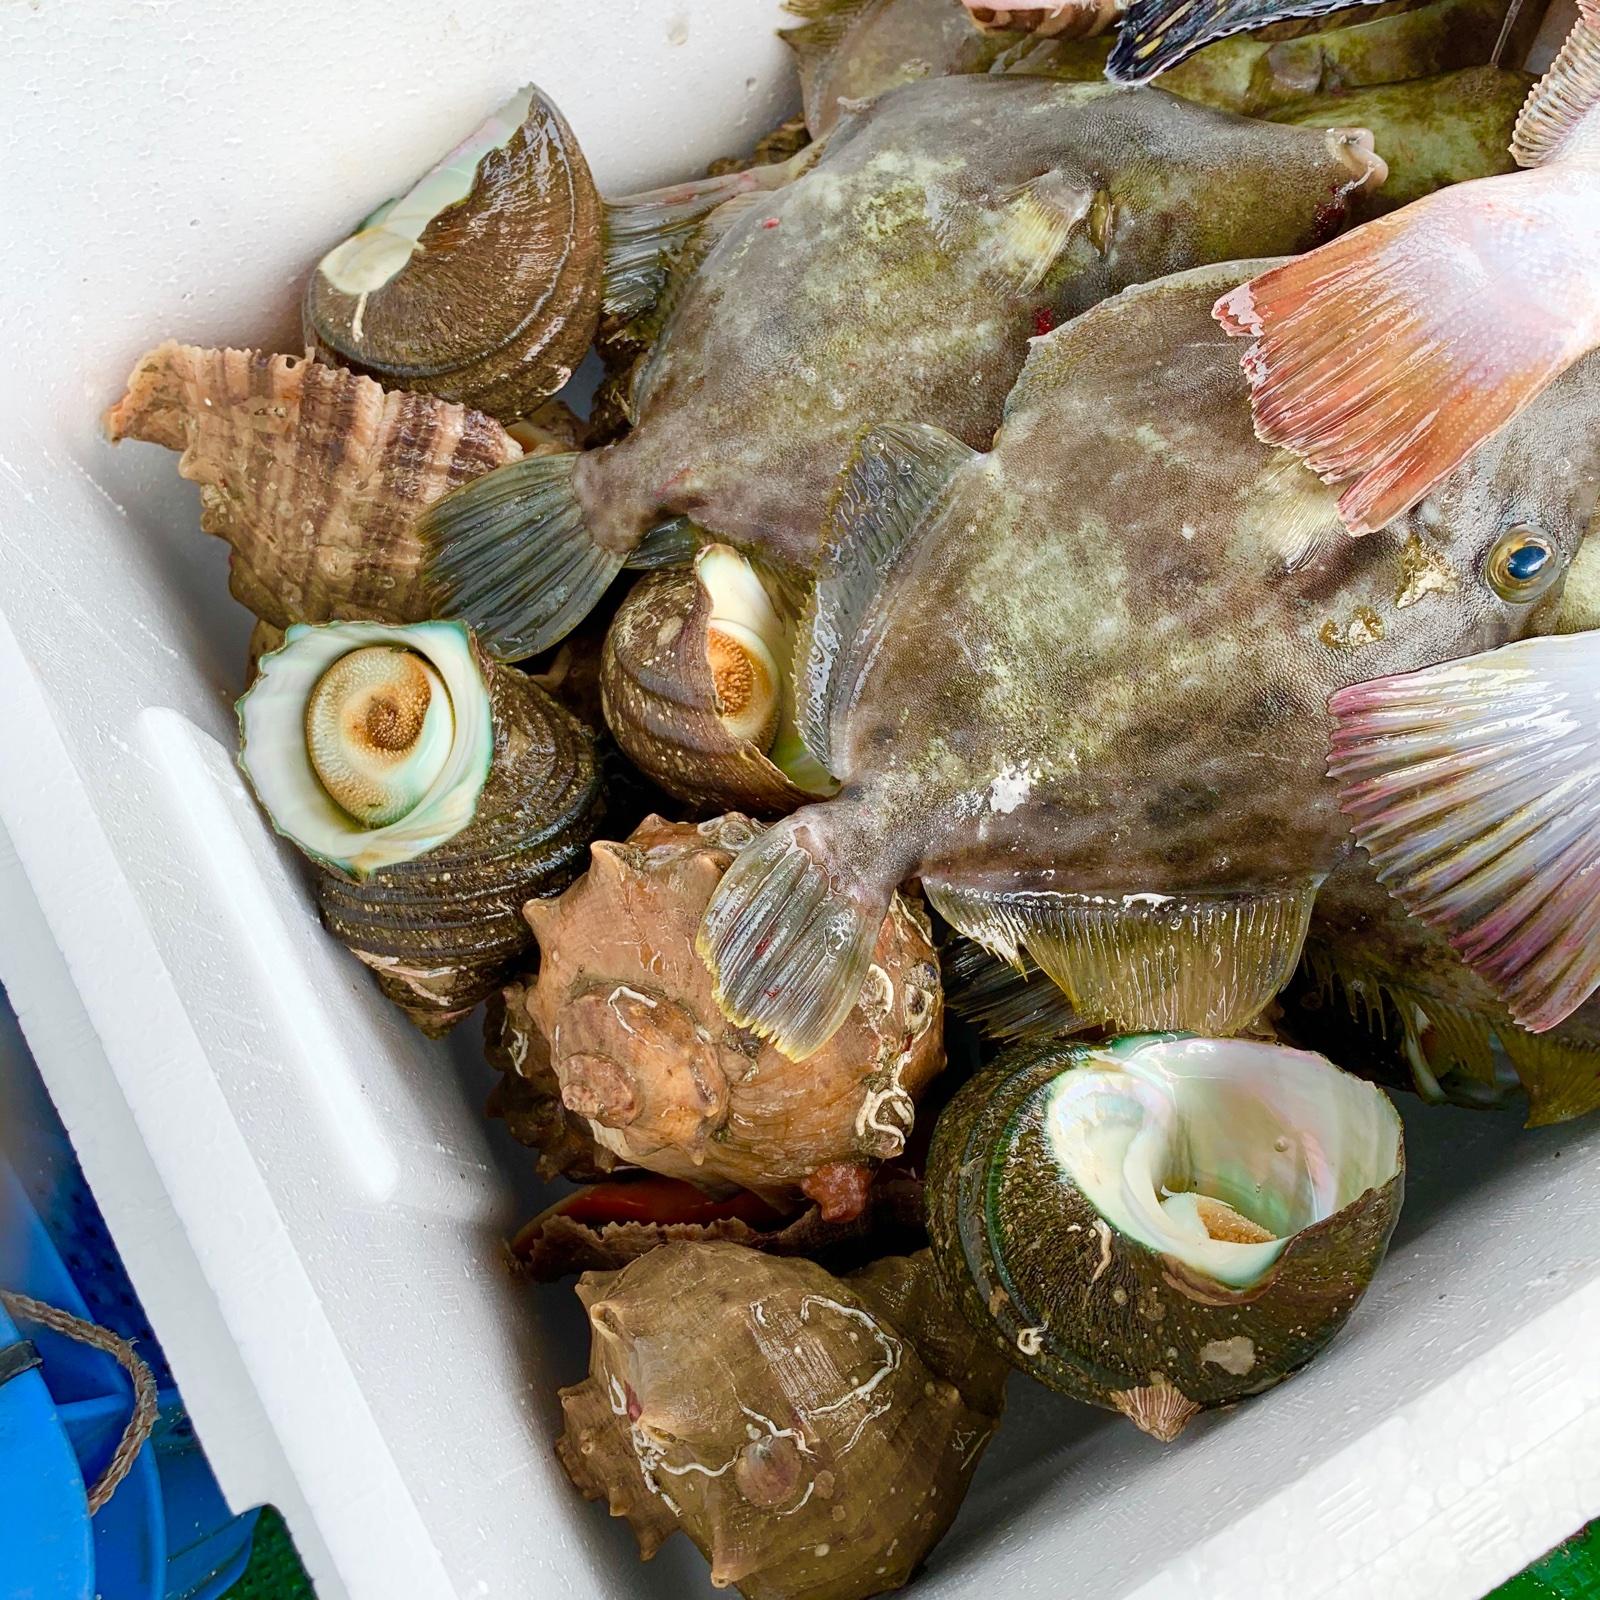 ✨瀬戸内 鮮魚 詰め合わせ 3キロ✨ 3キロ 魚介類/セット・詰め合わせ通販